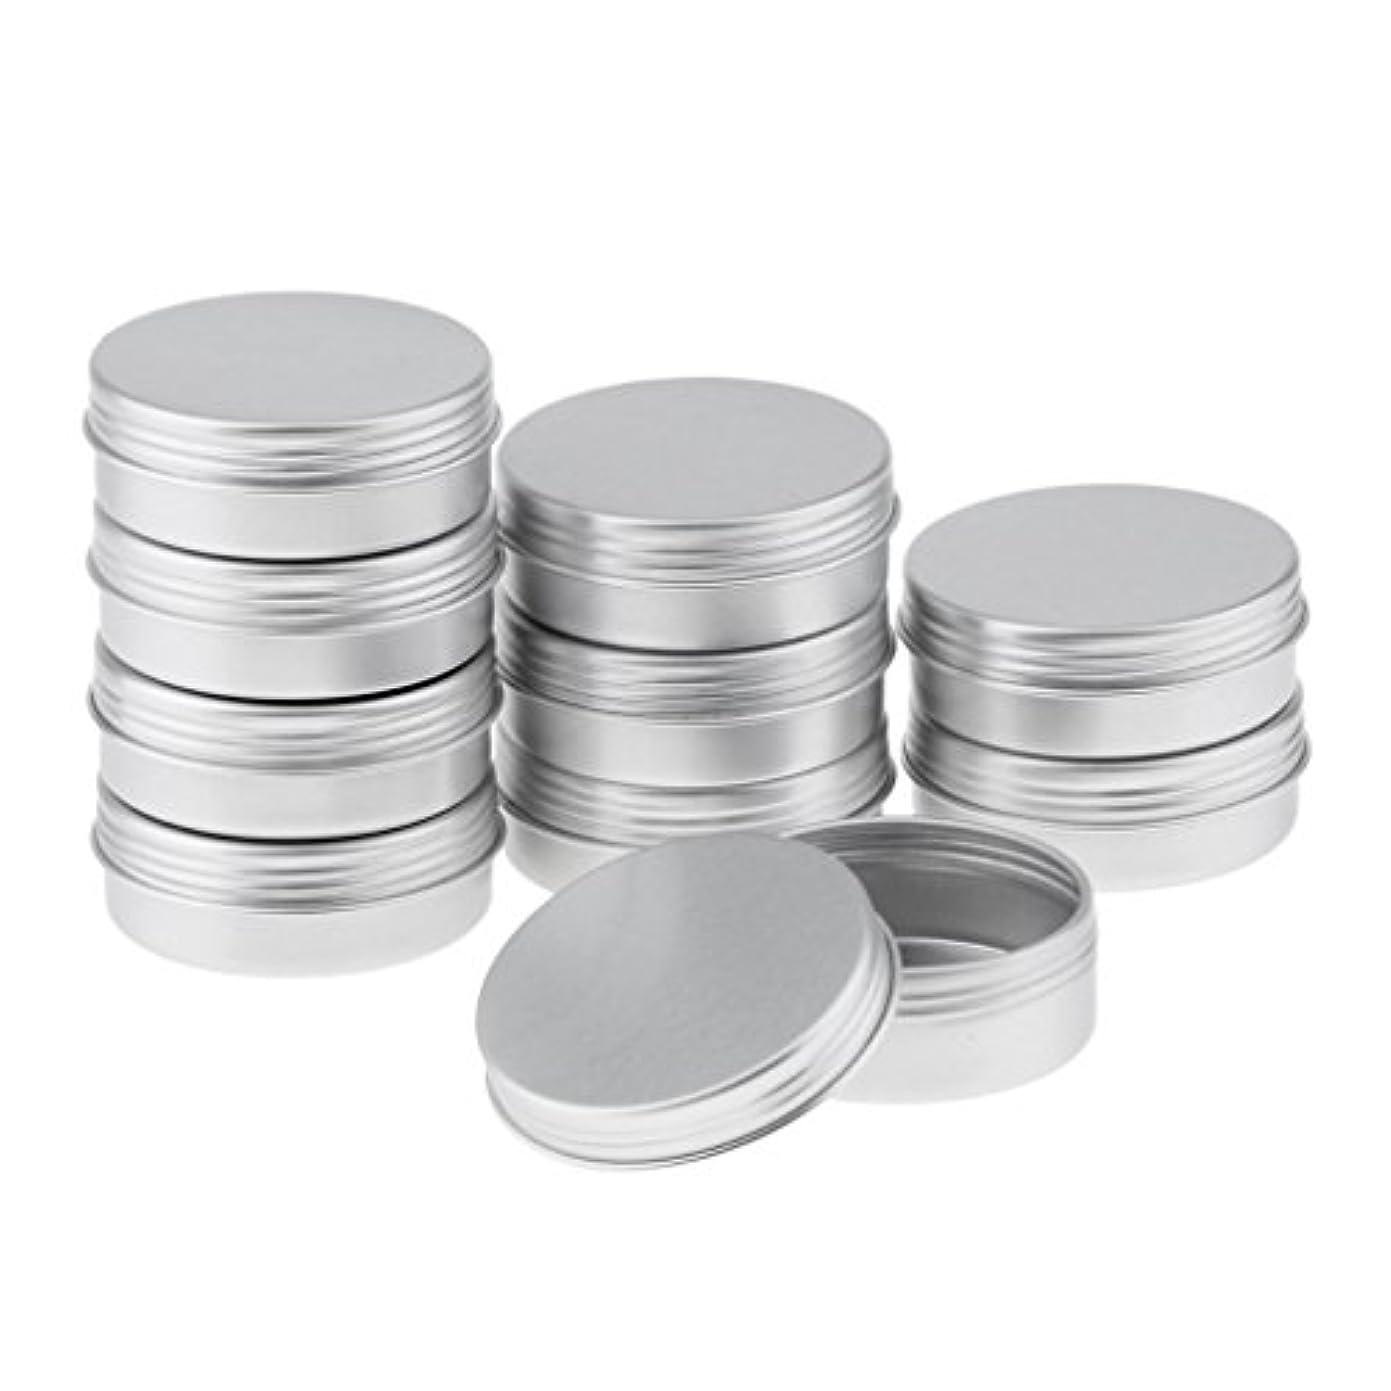 とらえどころのないピニオンベッツィトロットウッド10個の15ミリリットルのアルミニウムリップクリーム缶ポット化粧品クリームジャーボトル容器 - 10個25ml